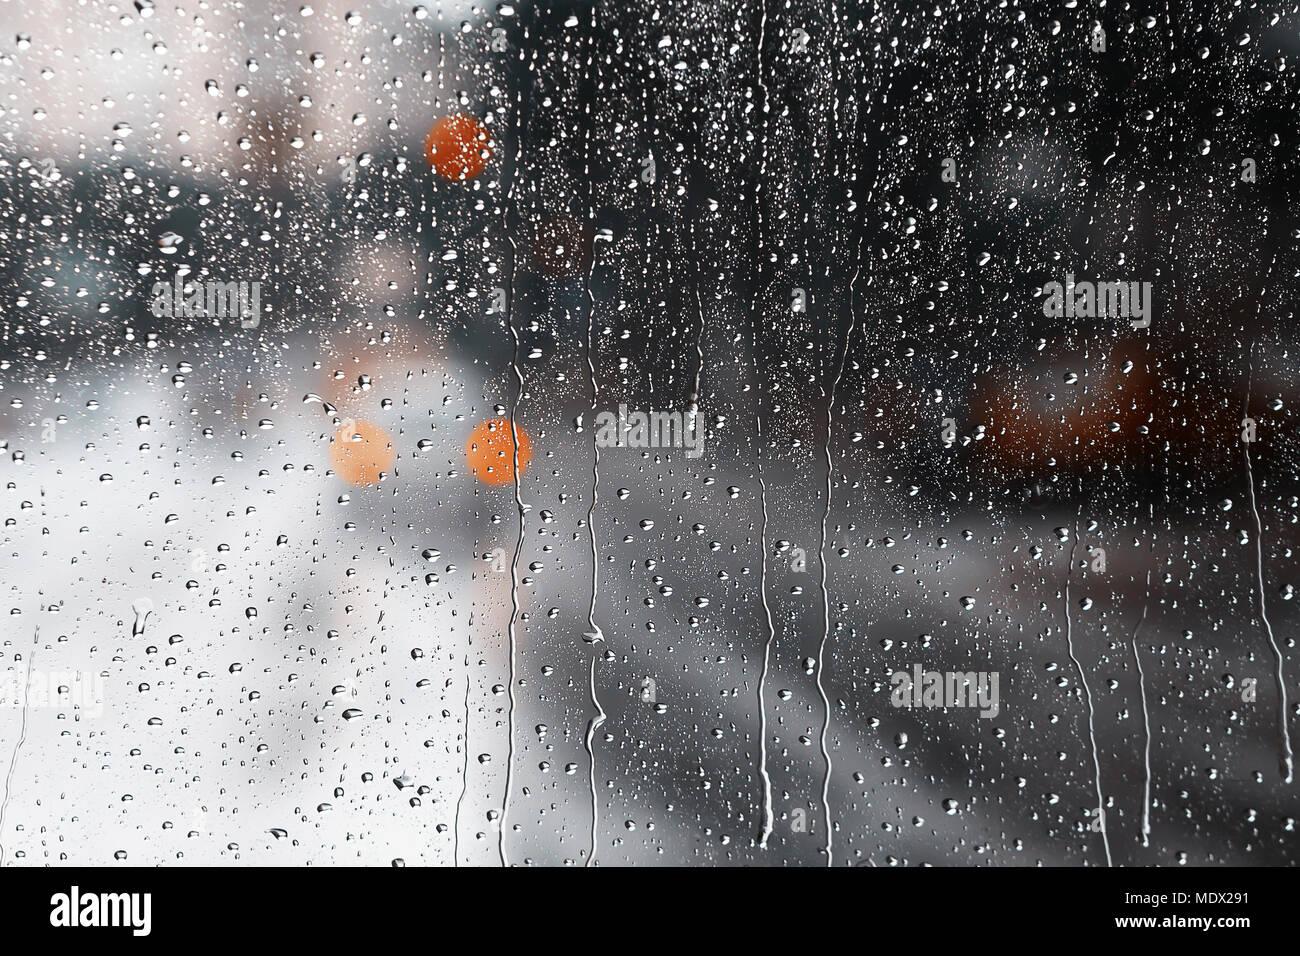 Gouttes sur le verre. Fond flou. Le trafic des pluies. Vue depuis la fenêtre humide. Banque D'Images